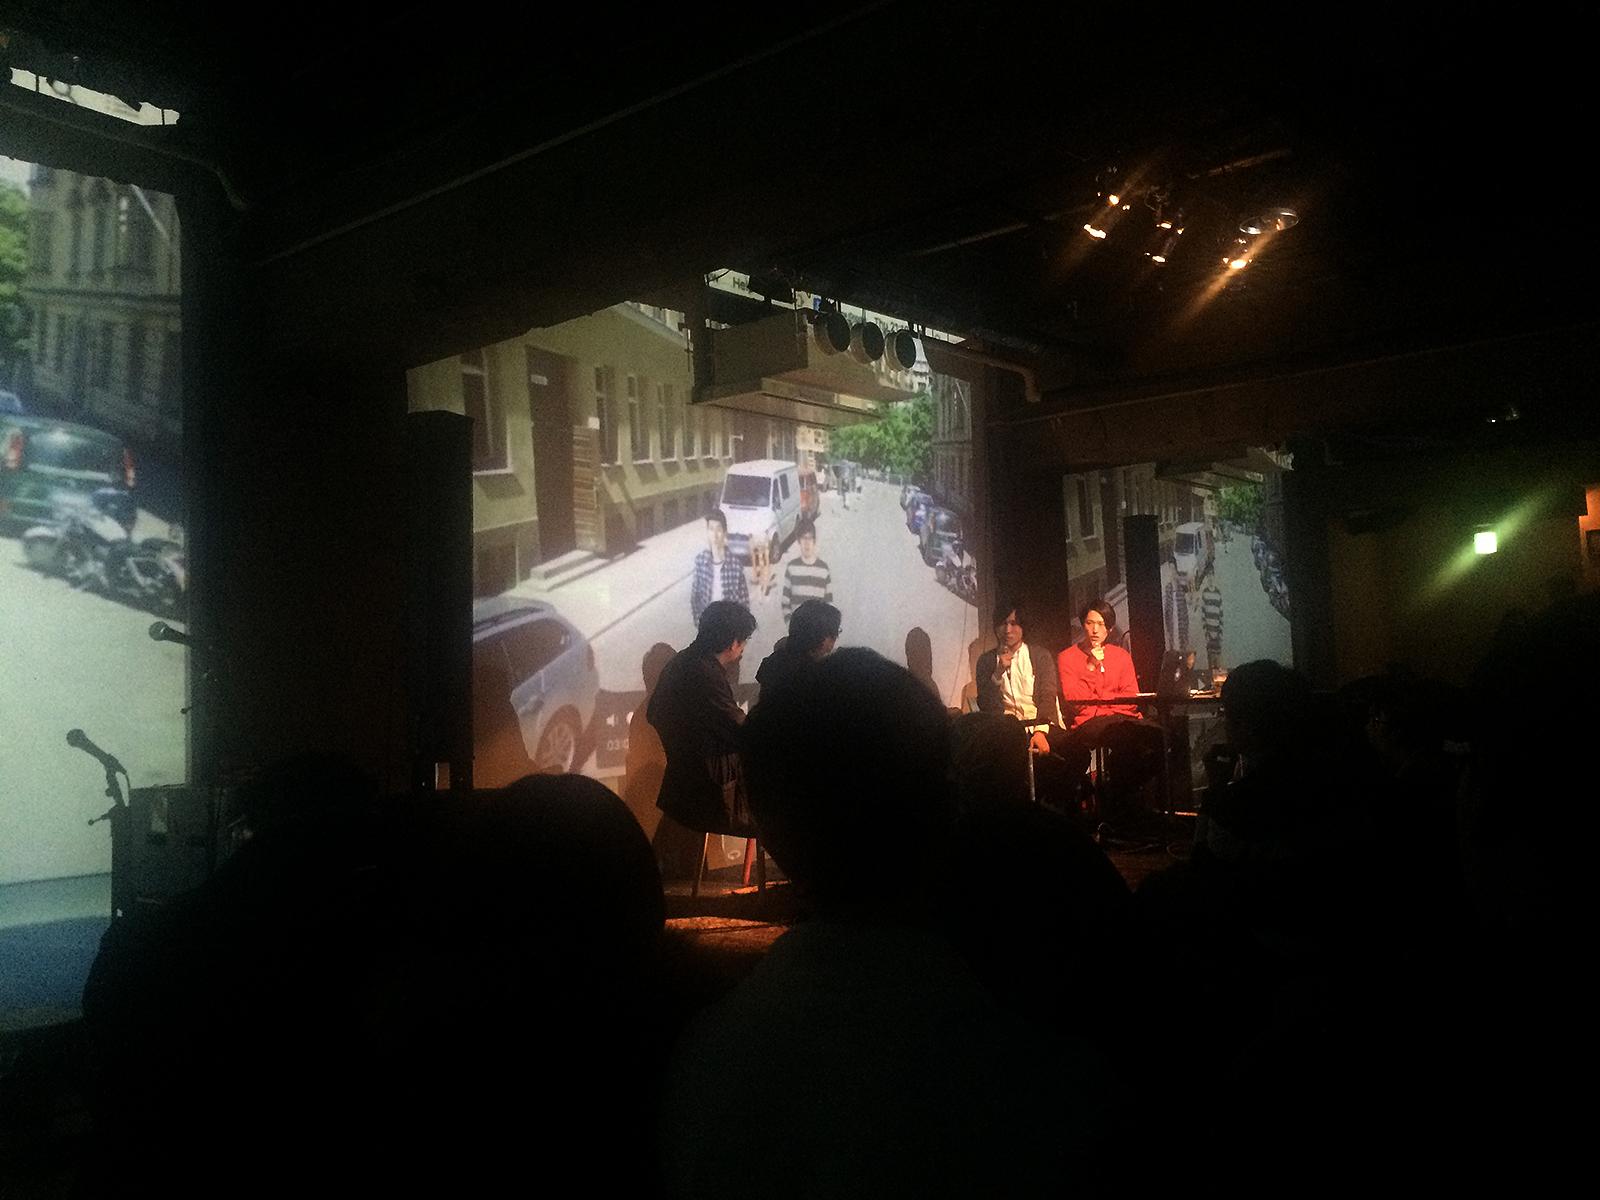 文化庁メディア芸術祭2016・ラウンジトーク&ライブパフォーマンス vol.2